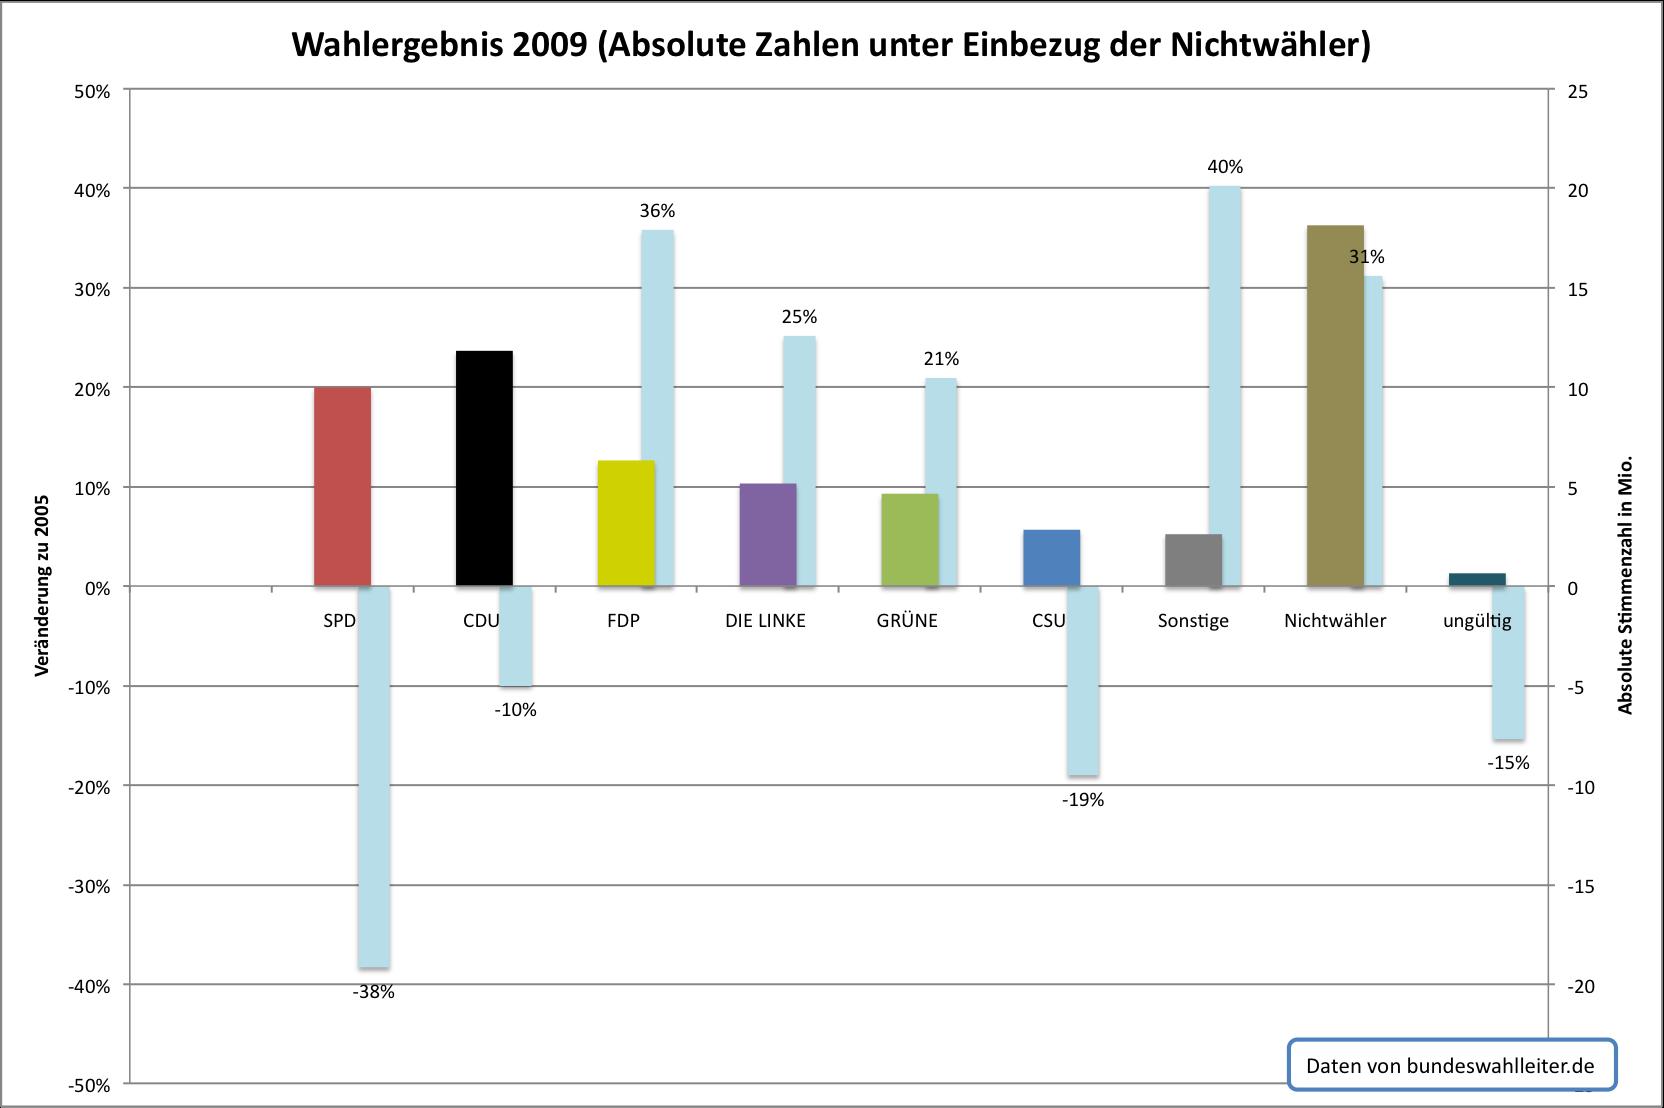 http://wirklichnicht.de/weblog/wp-content/uploads/2009/09/btw_ergebnisse.png